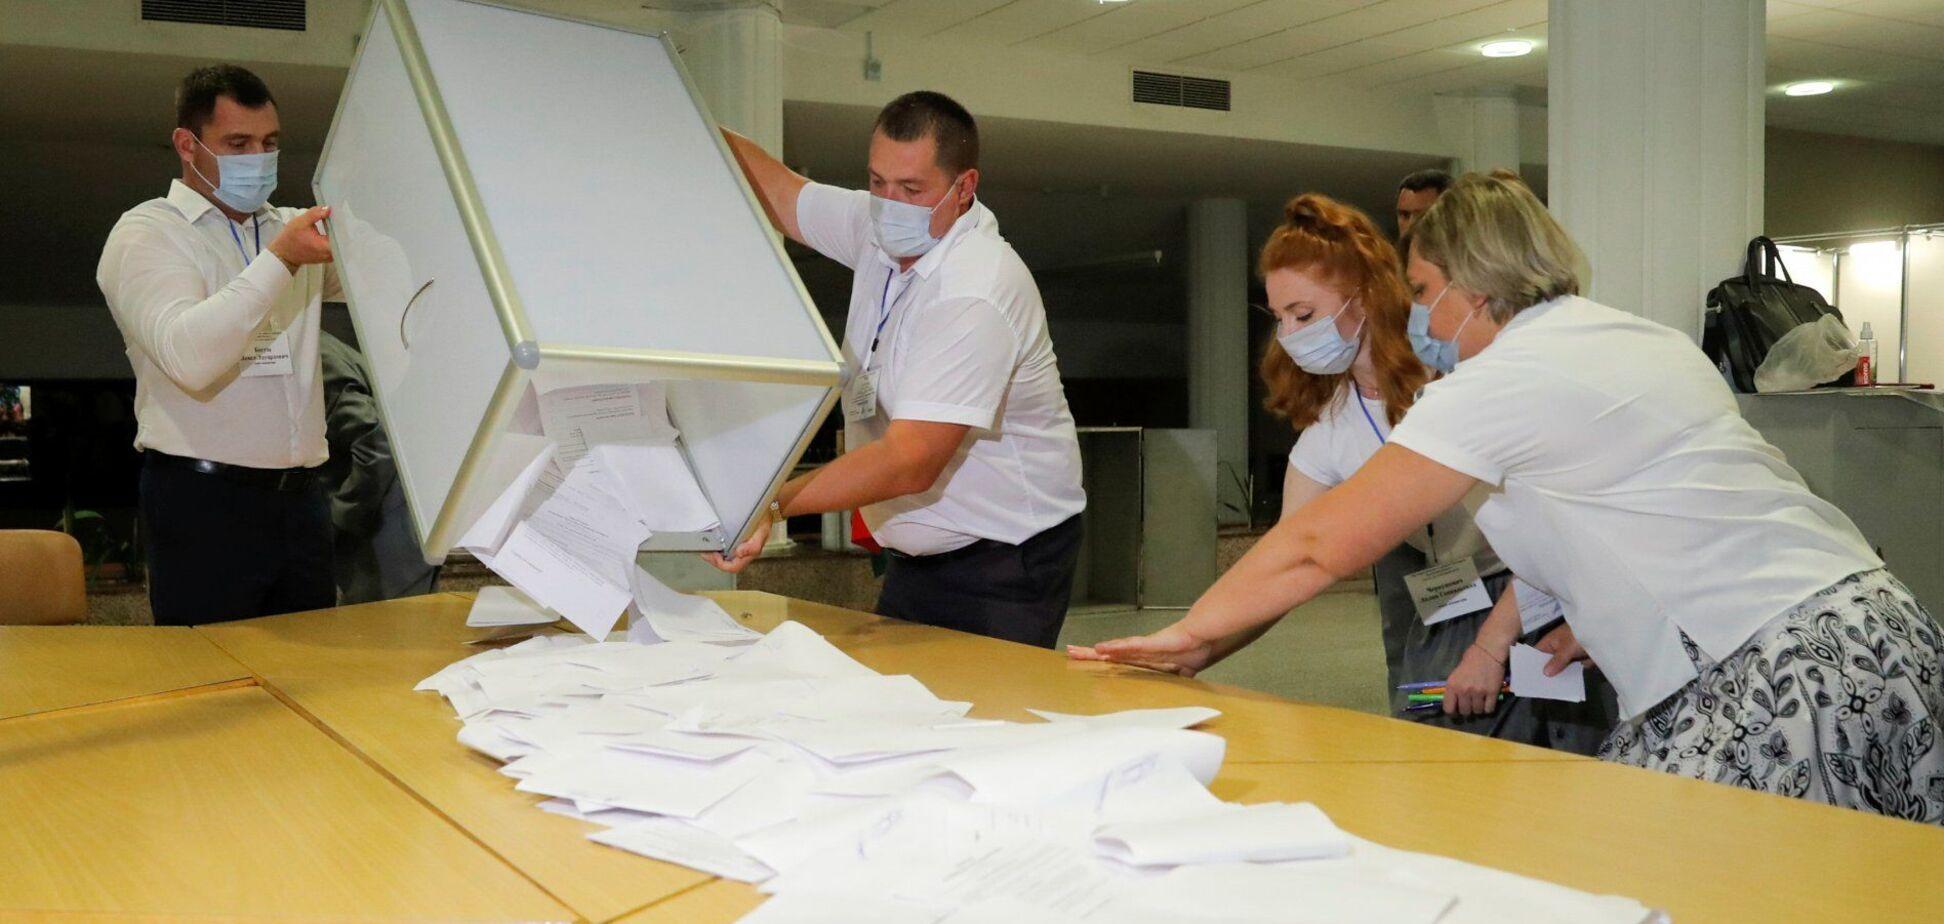 Выявлены нарушения избирательной документации